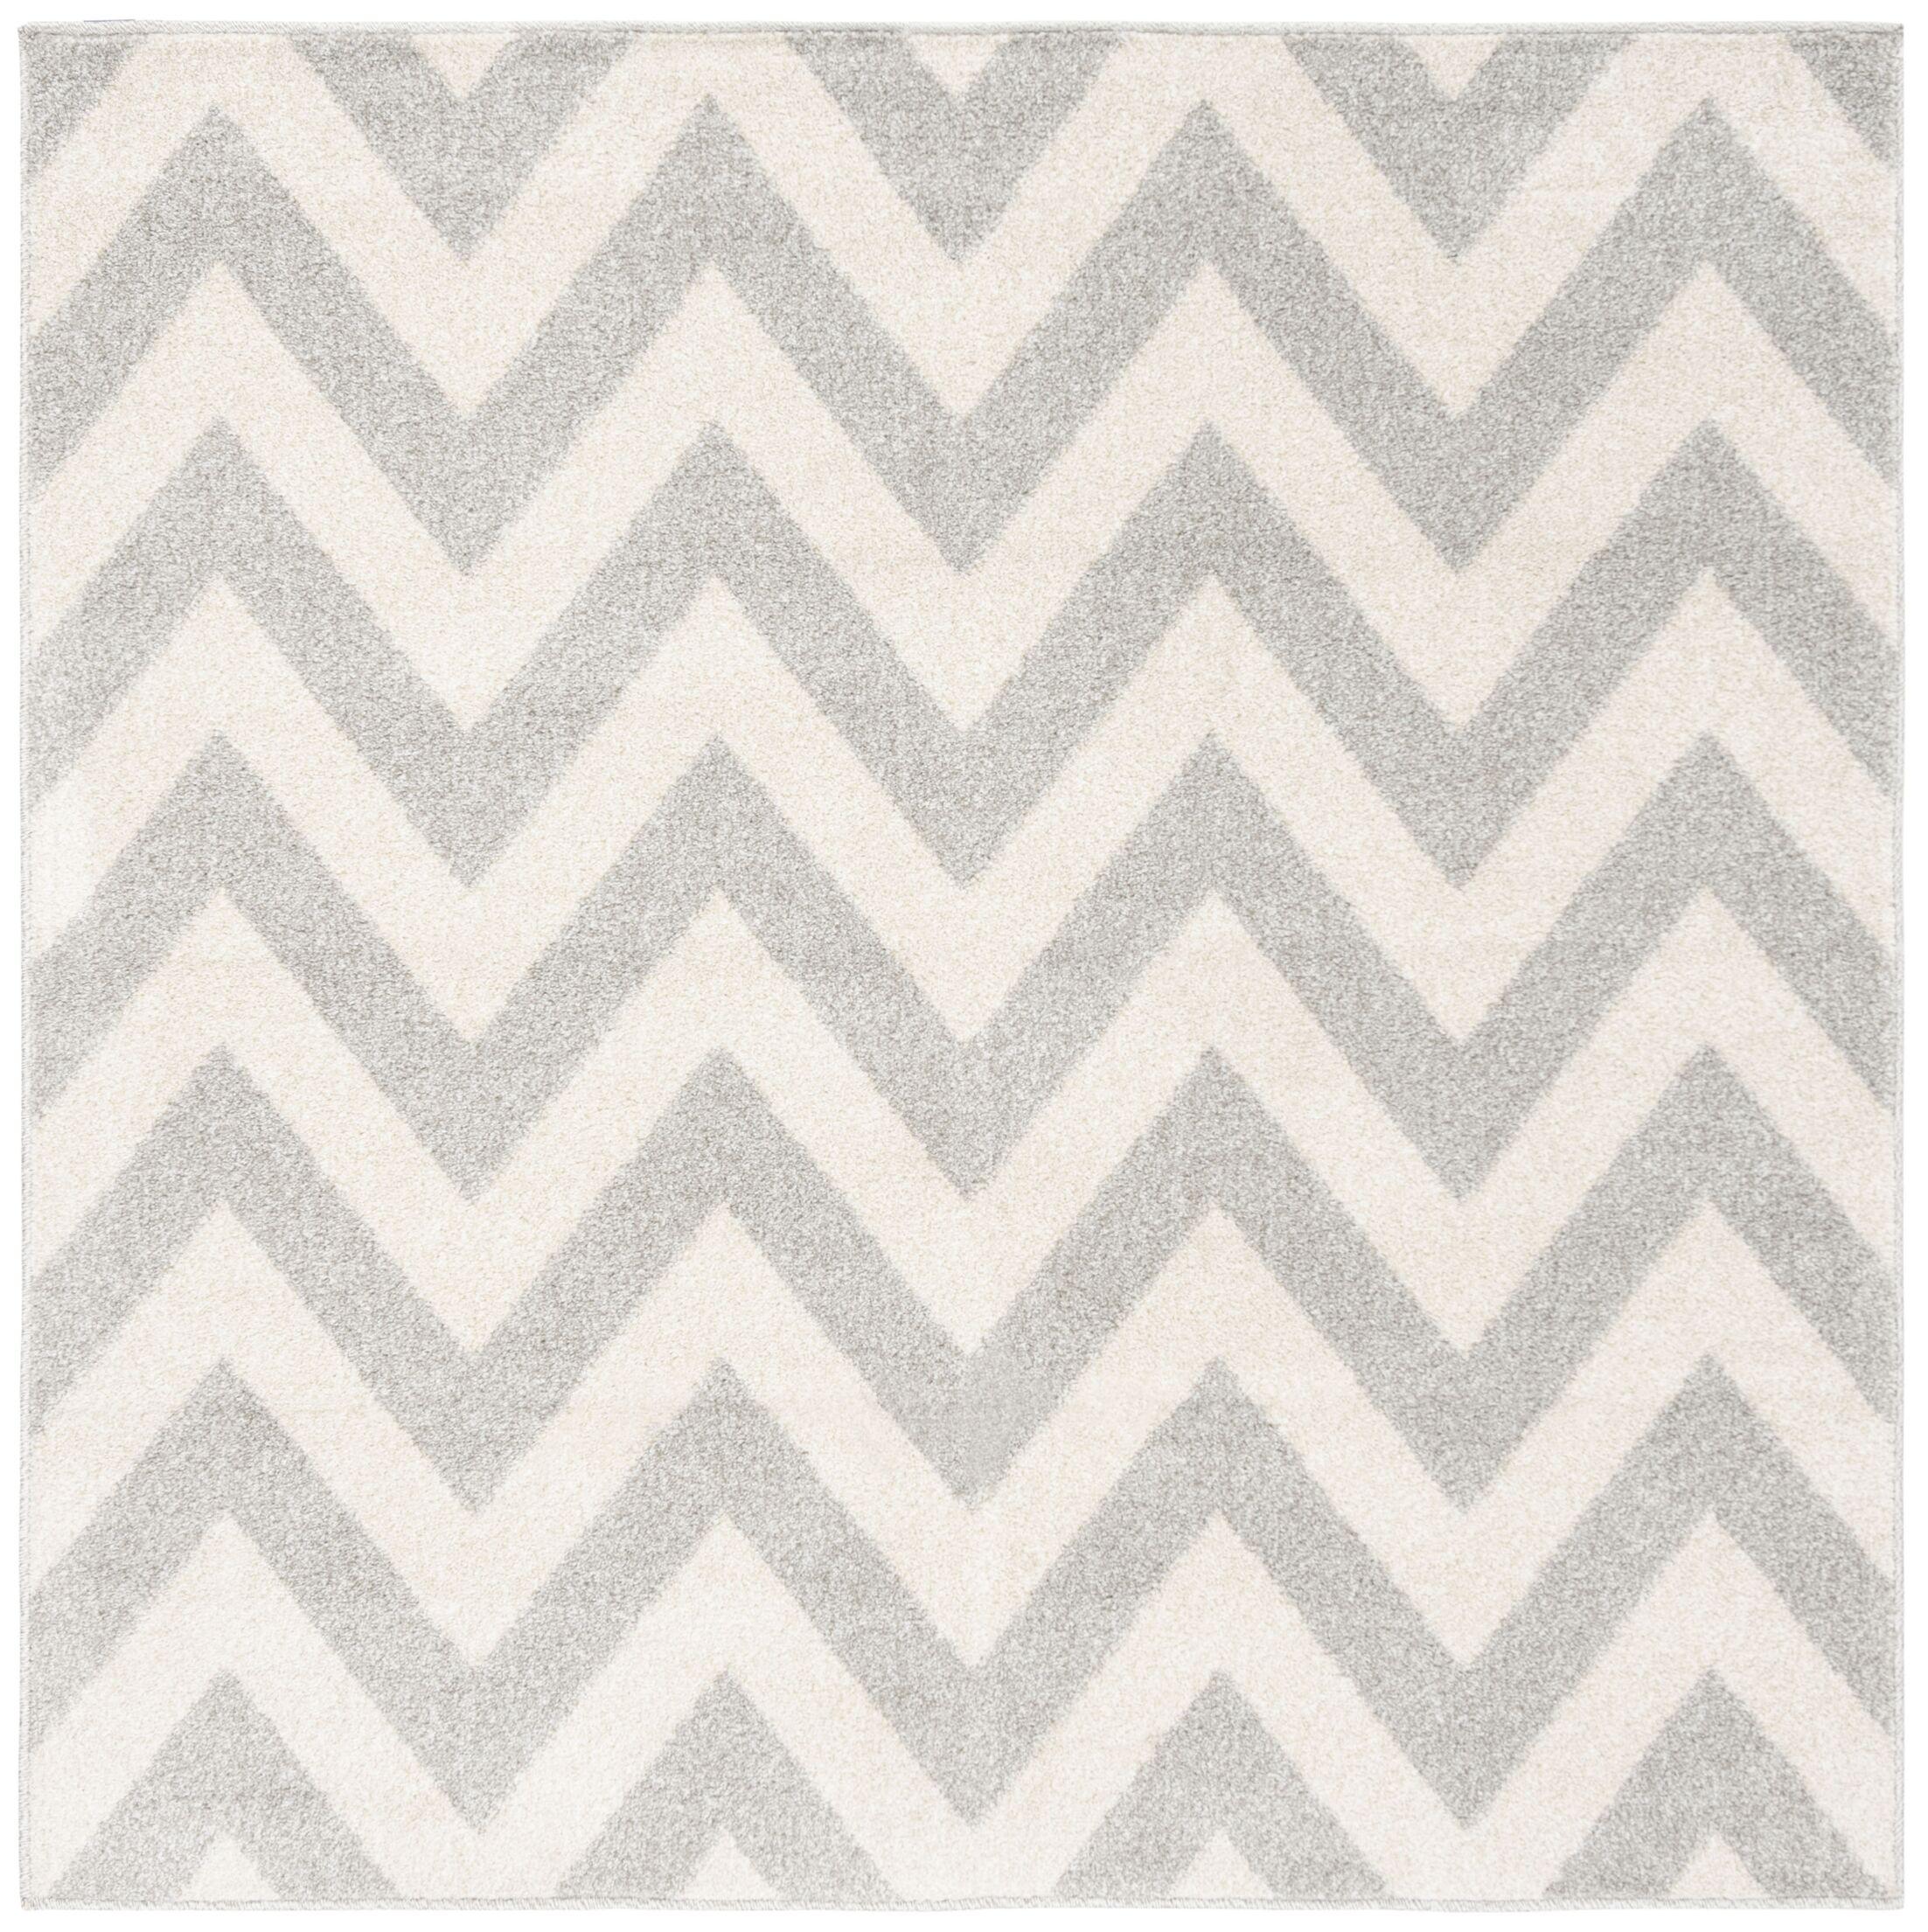 Currey Light Grey/Beige Area Rug Rug Size: Square 5'